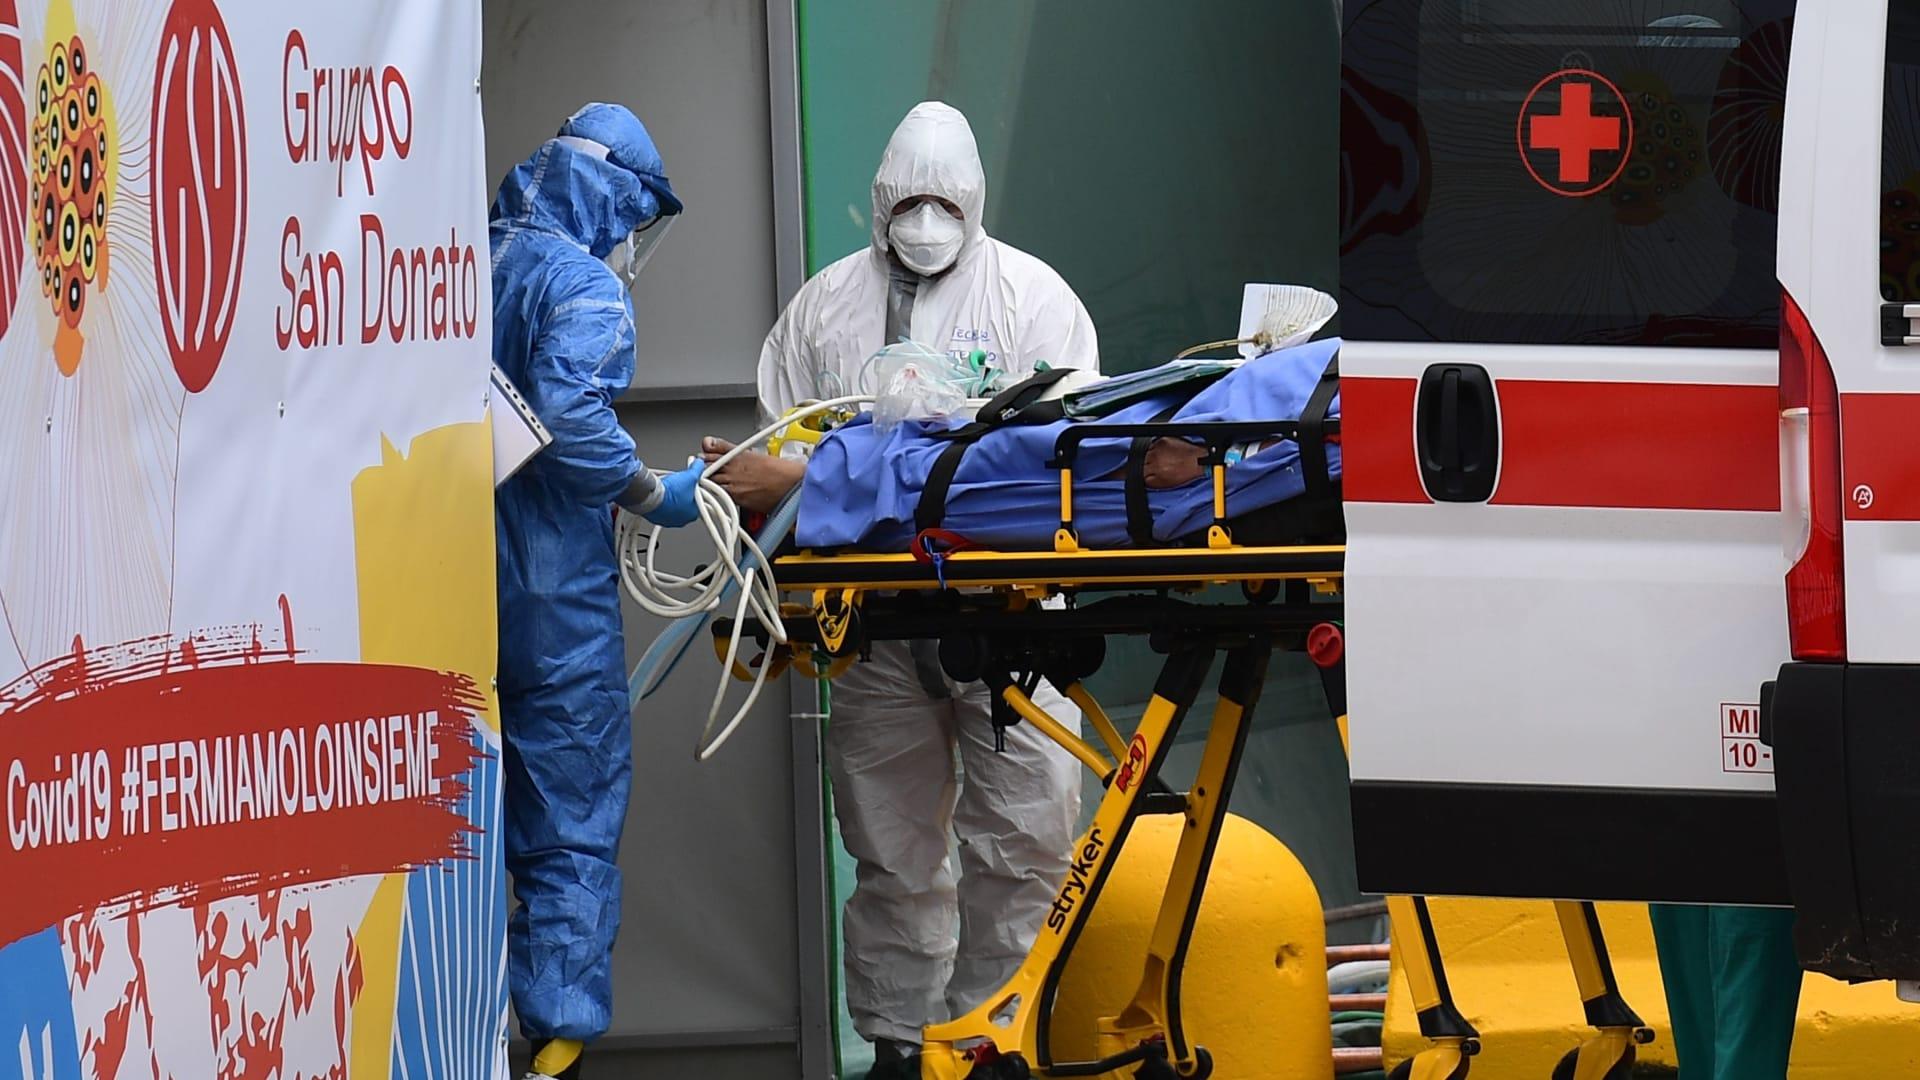 إيطاليا.. مسؤولون ينددون بمخالفة المواطنين لأوامر الإقفال التام بعد تفشي فيروس كورونا